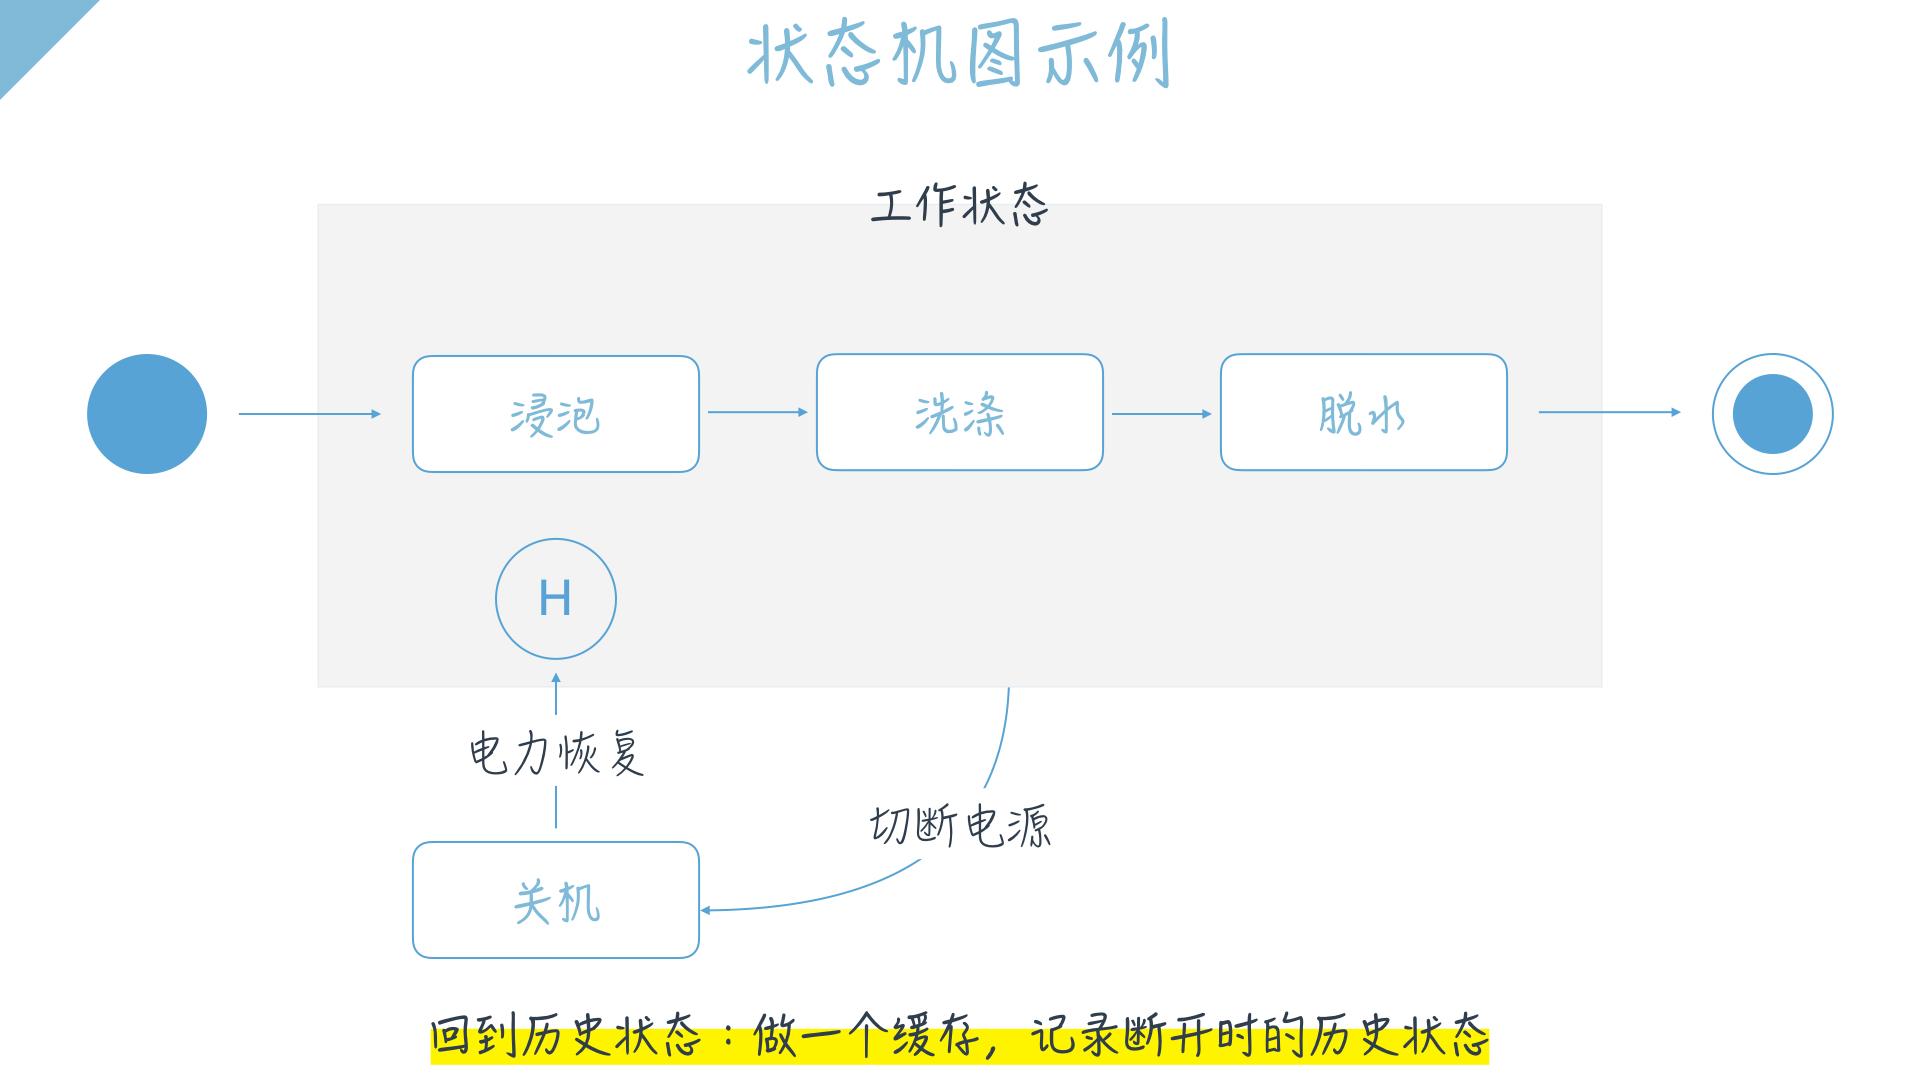 产品经理系列:让产品经理一目了然的状态机图插图(2)